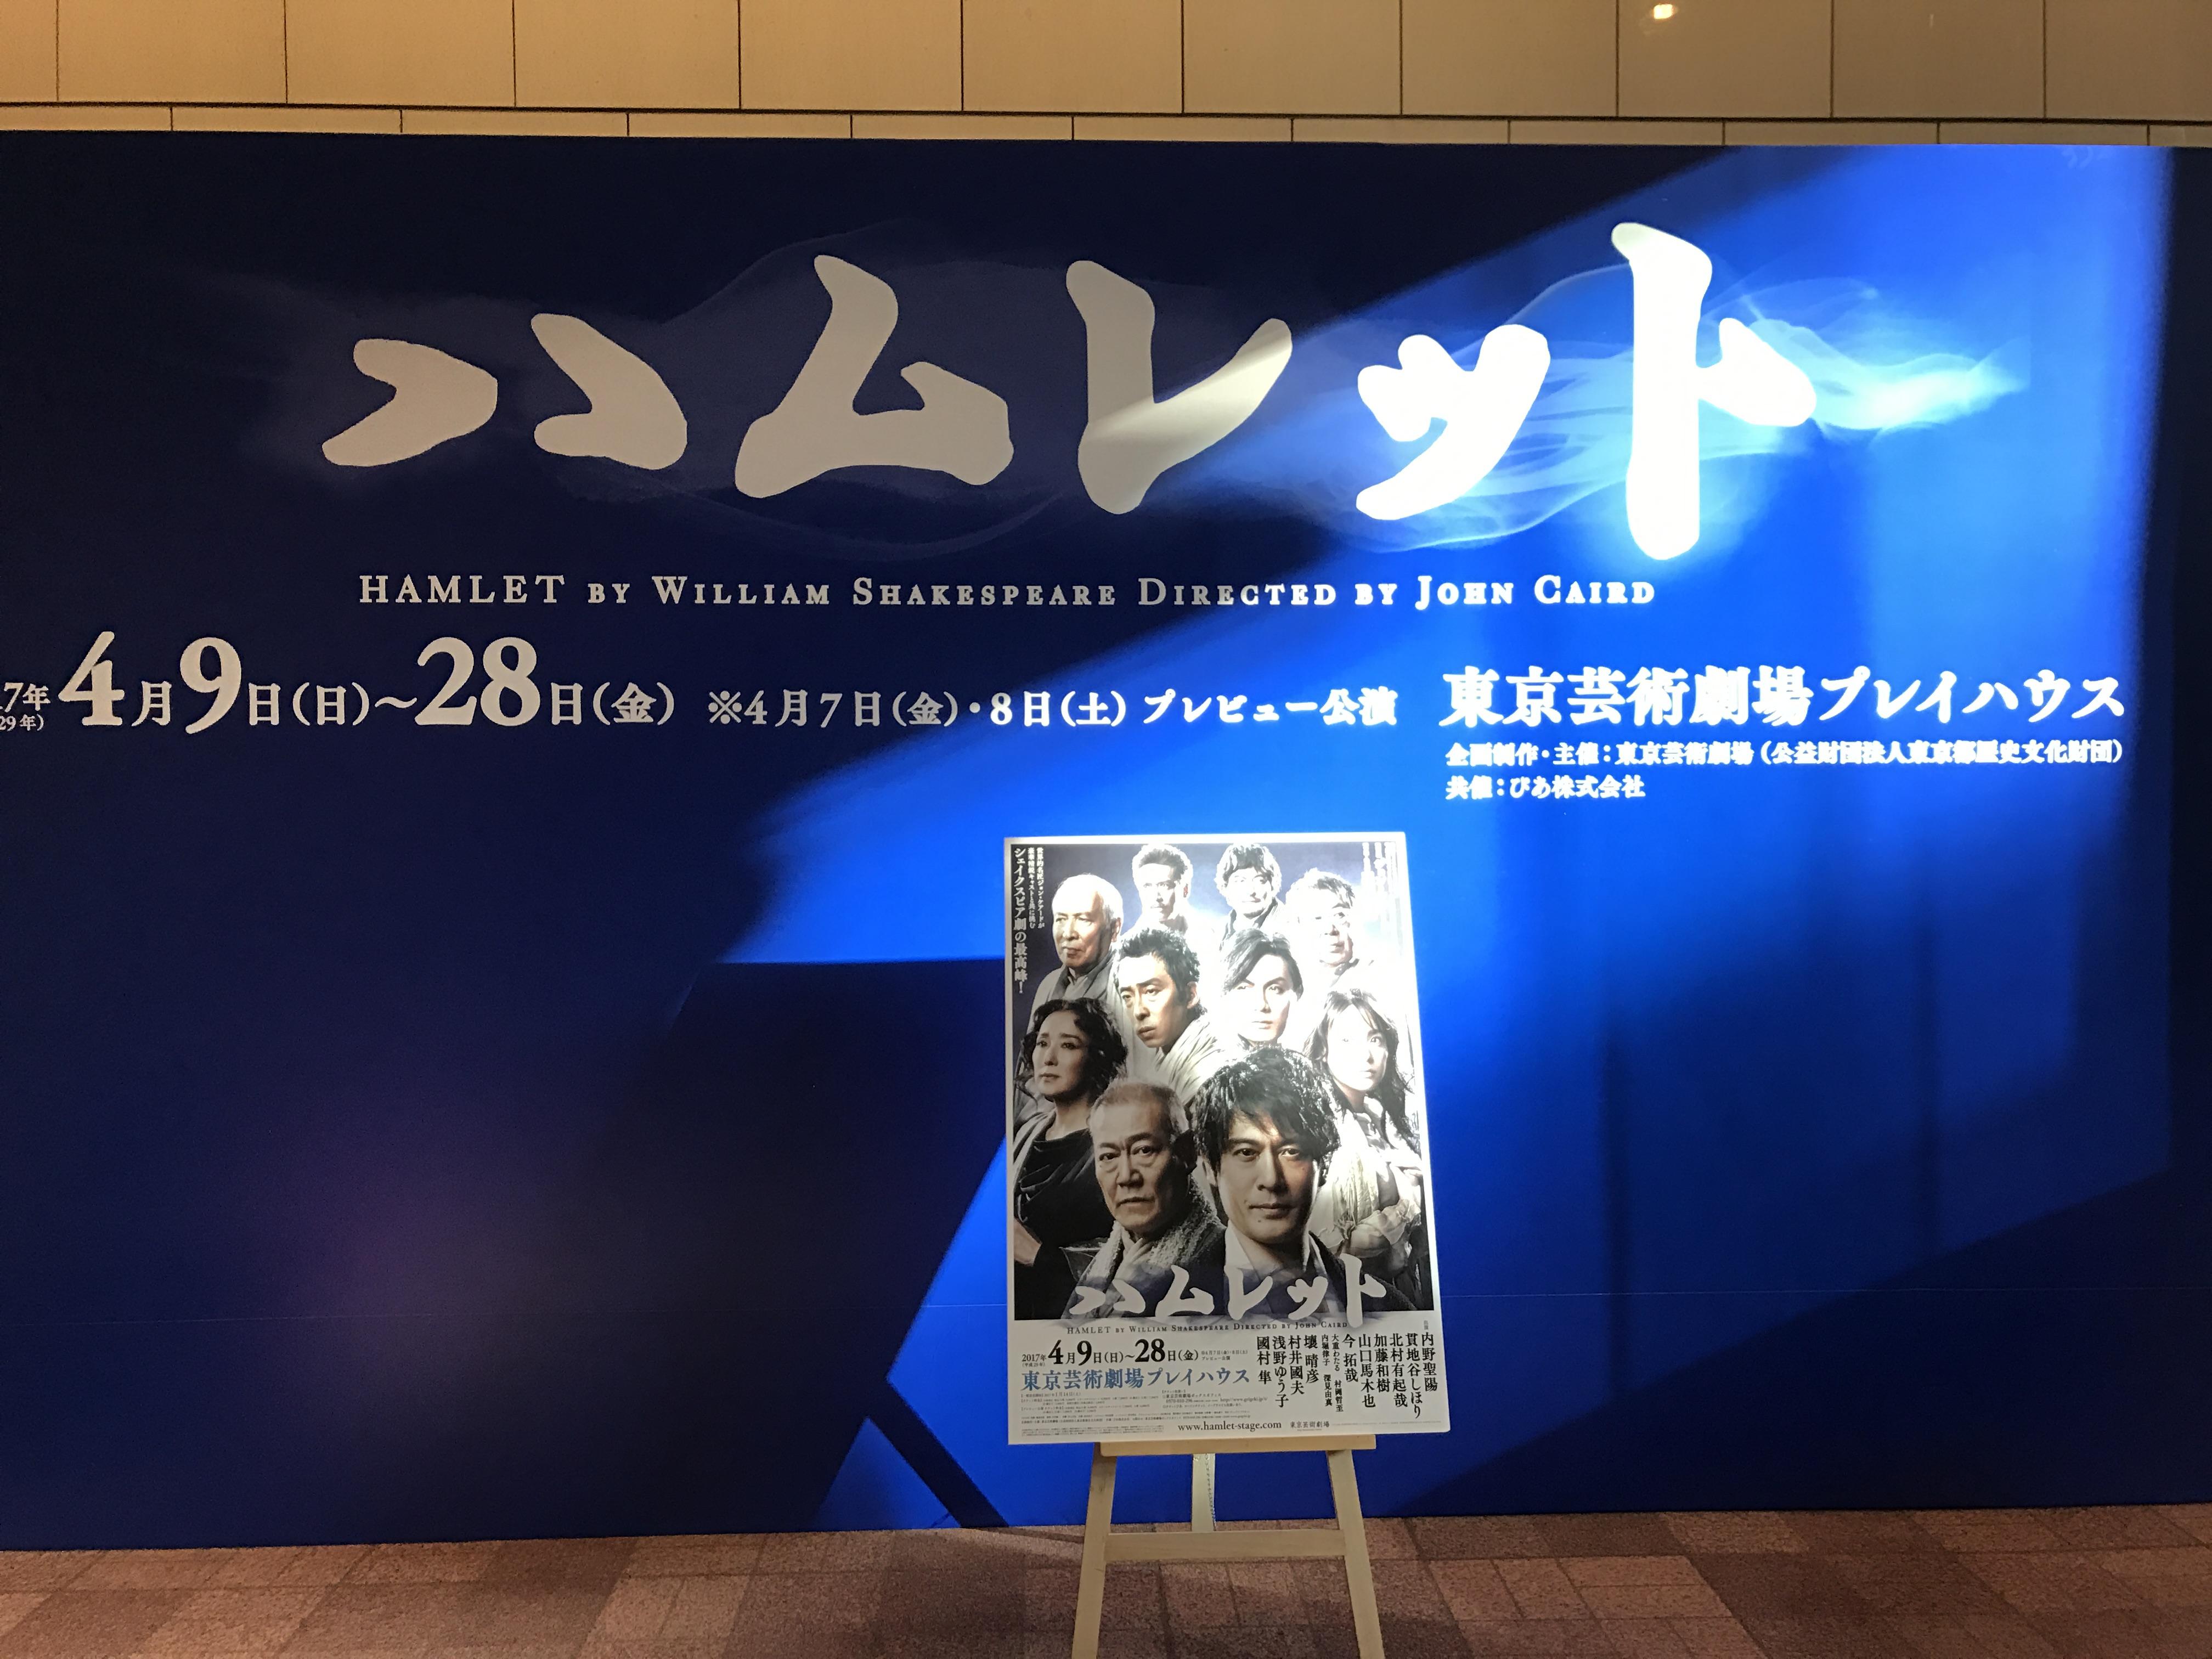 東京芸術劇場 ハムレット 2017年